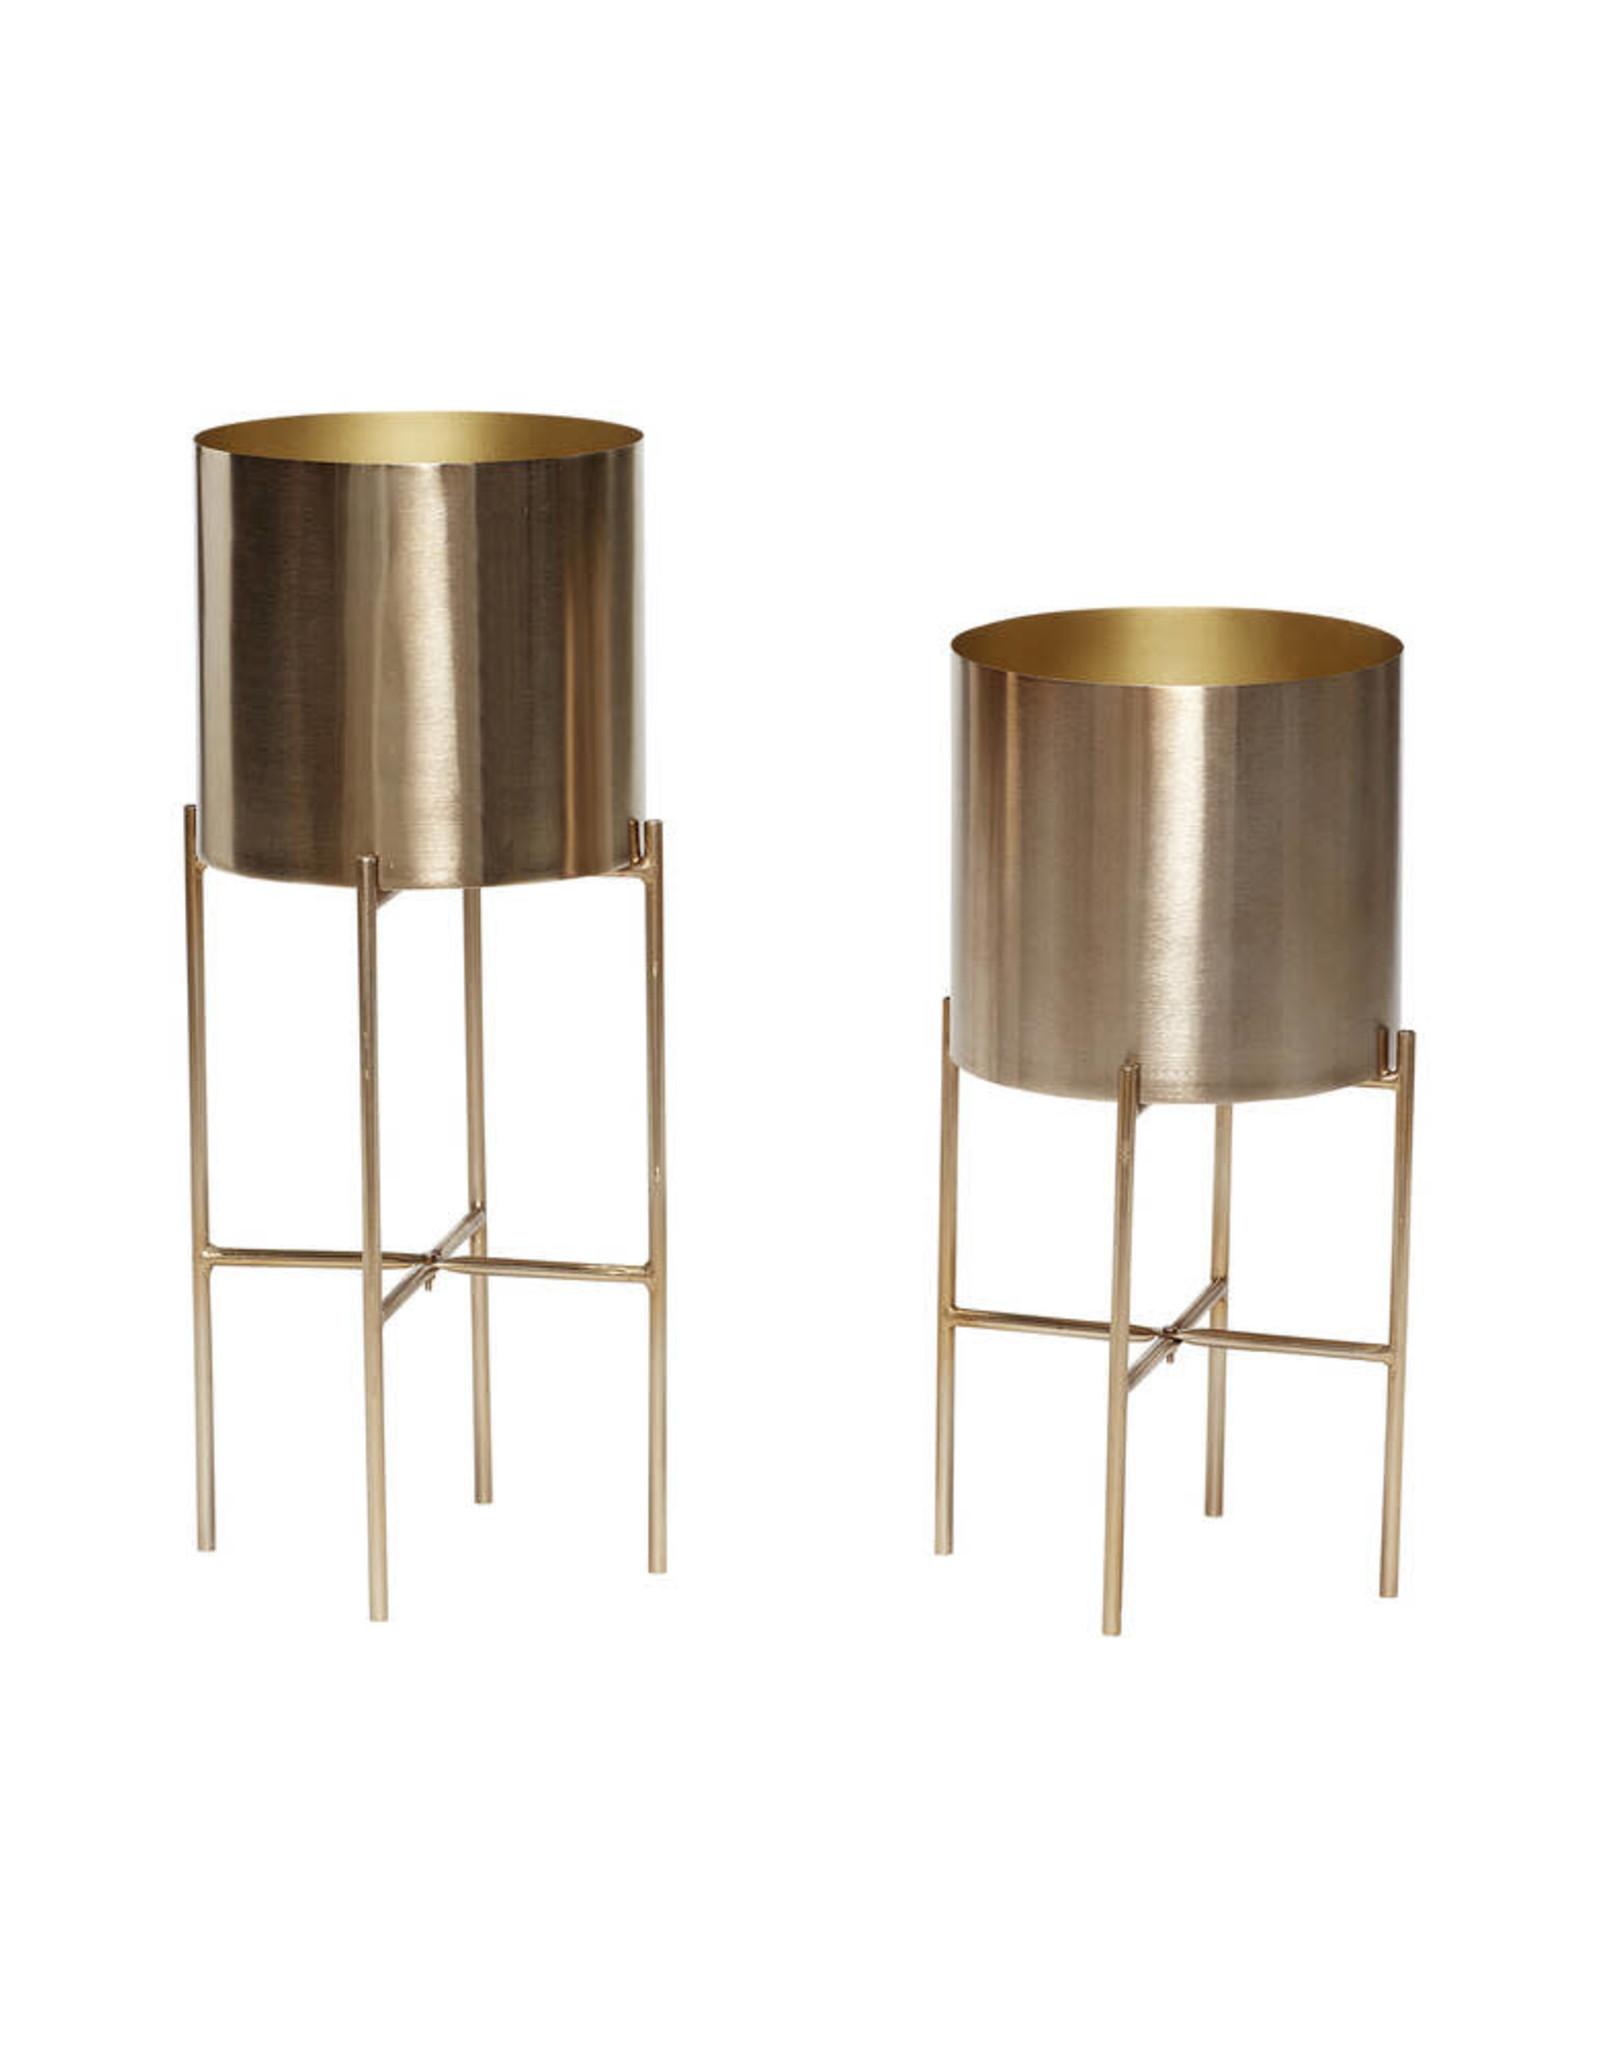 Hübsch Golden Pot w/ legs ø25xh55